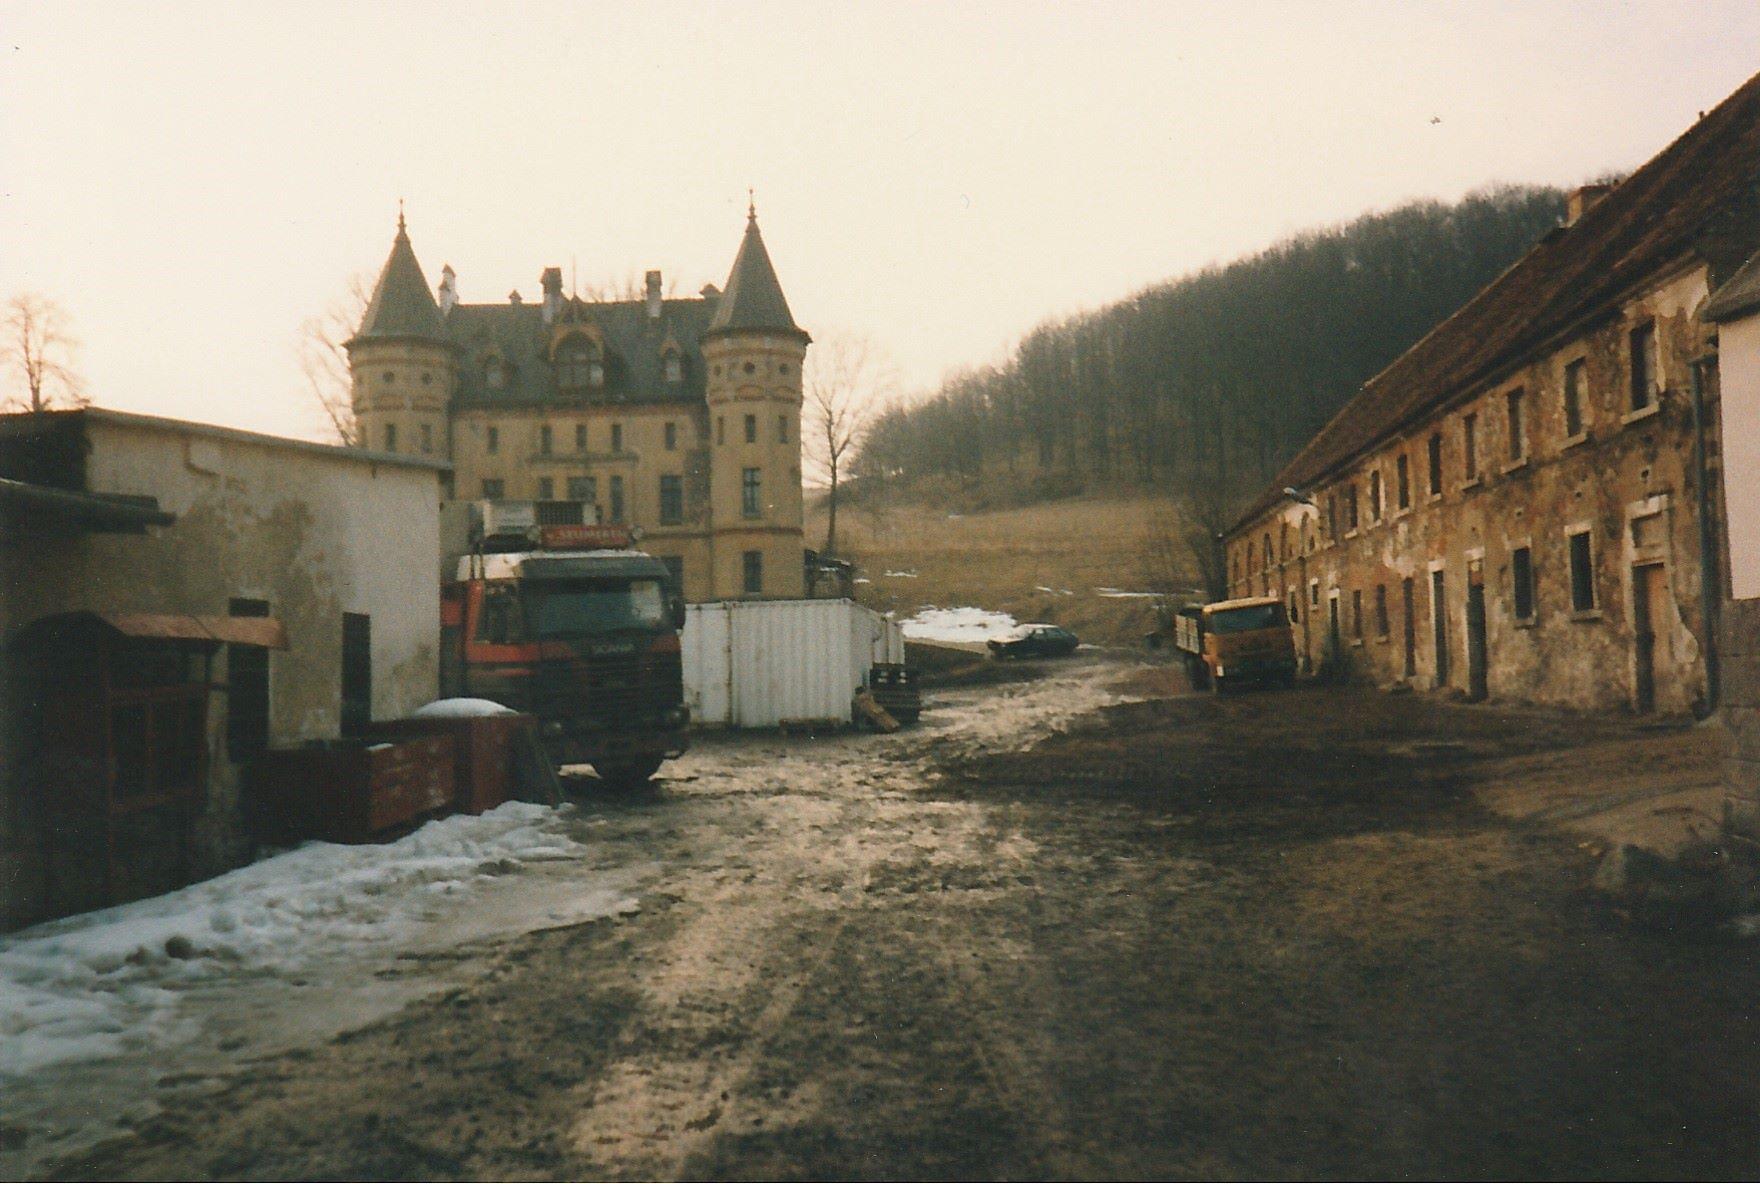 Bas-Van-de-Zouwen---lossen-bij-het-kasteel-in-kalinigrad--st-petersburg-3